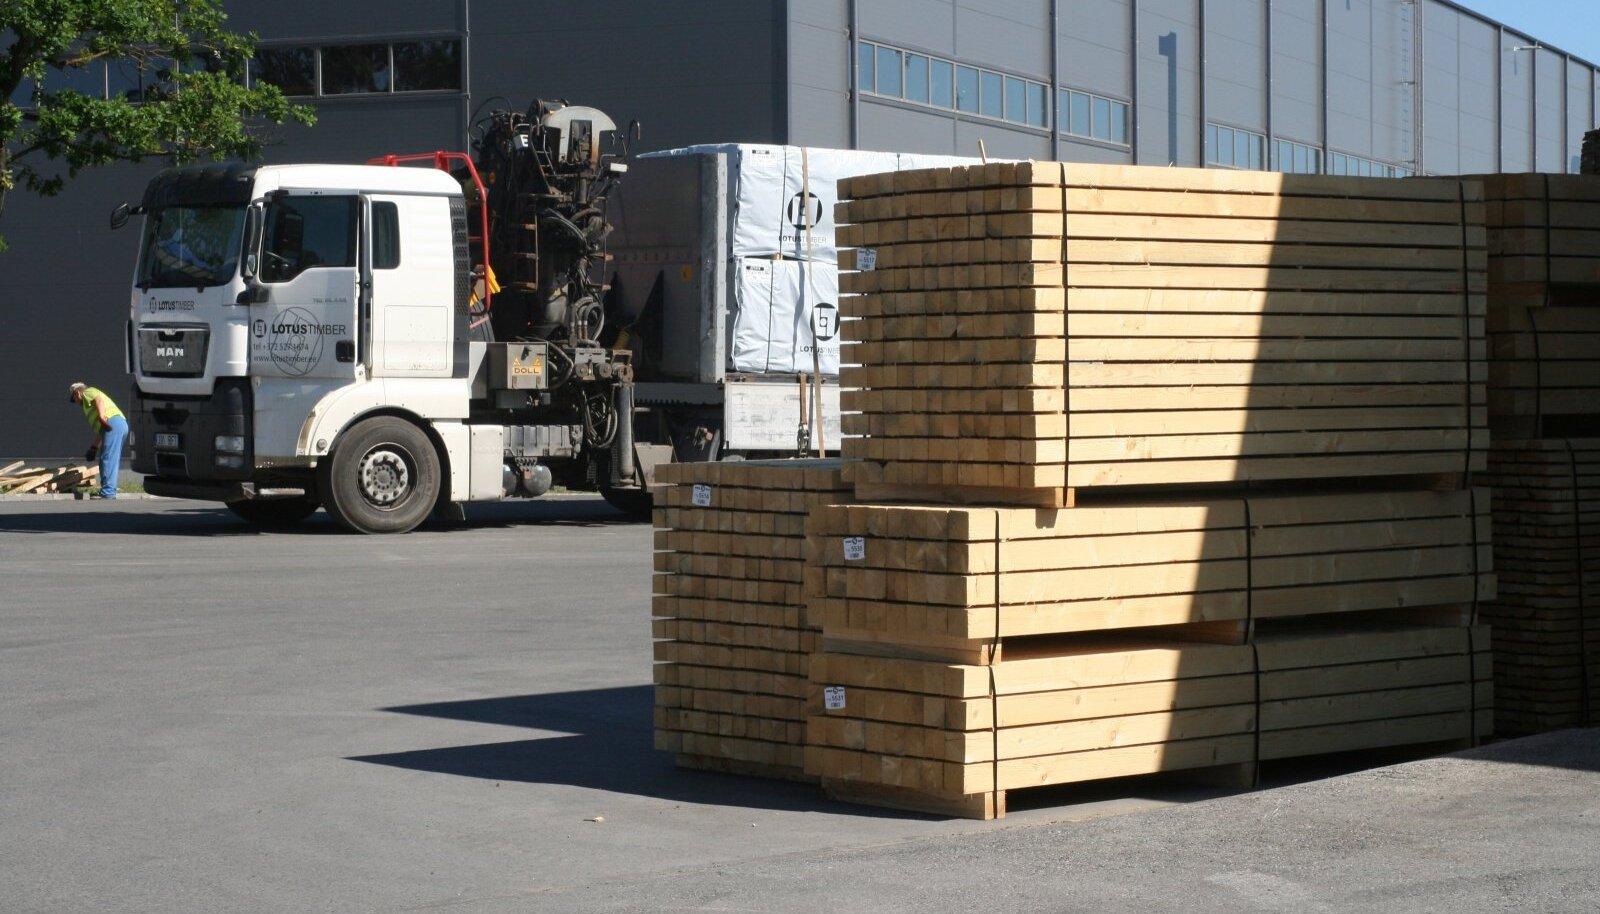 Kõige paremini kaitseb puitu termotöötlus või sügavimmutus spetsiaalses vaakumkambris. Valmis materjal tuleb korralikult staabeldada ja kuivana hoida.